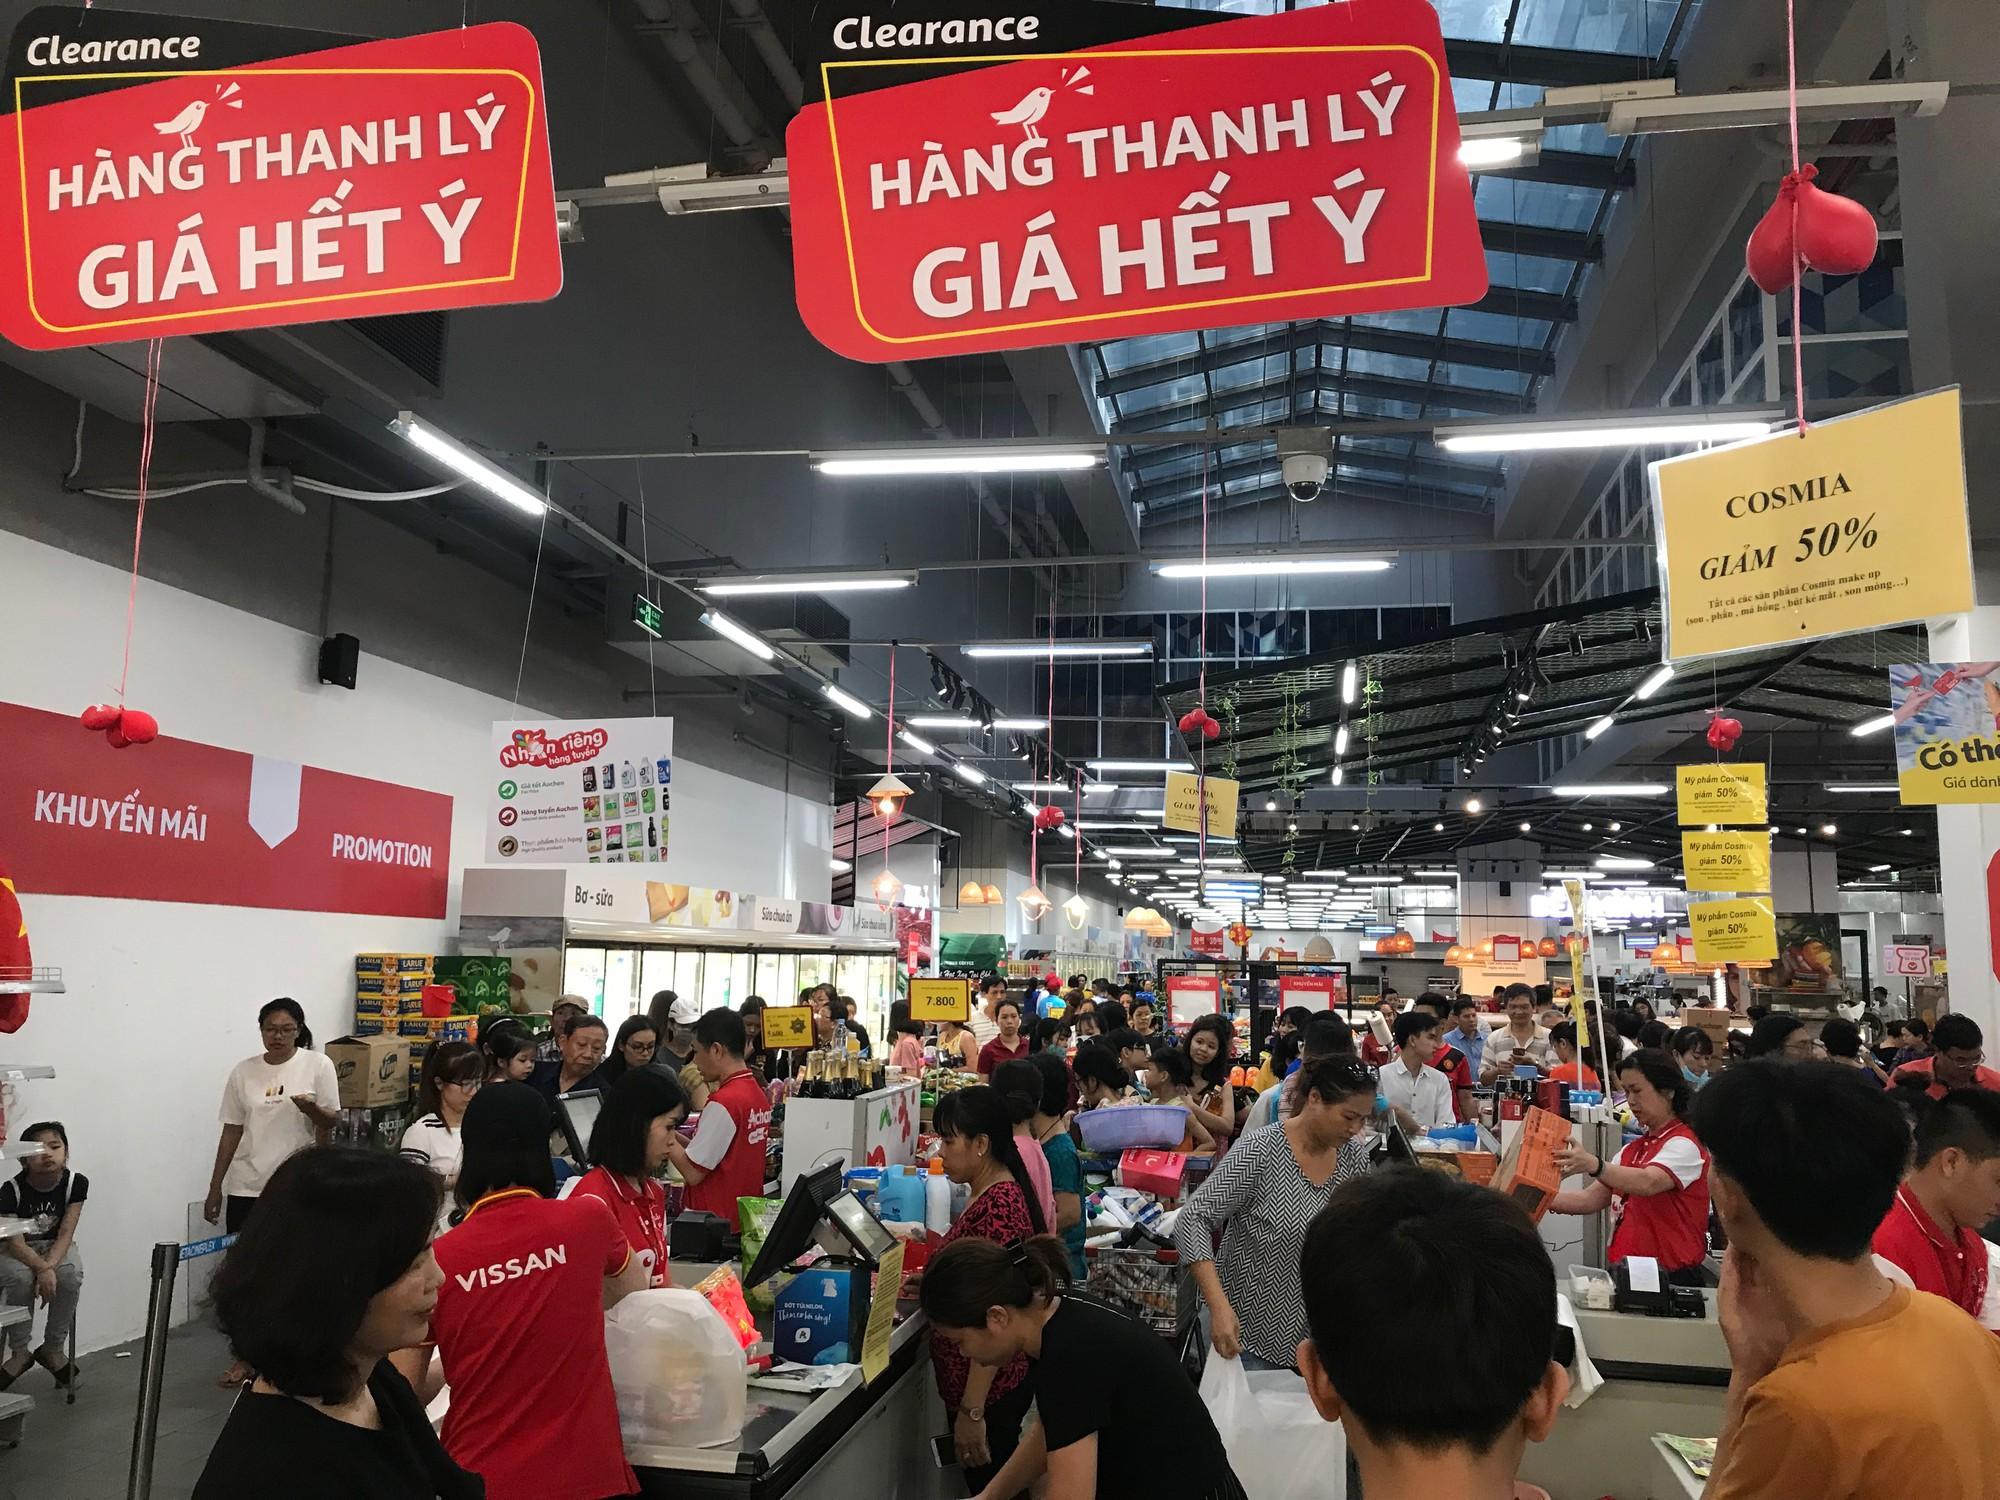 Auchan xả hàng trước khi tháo chạy khỏi Việt Nam, người dân ồ ạt vét sạch siêu thị, chờ hàng giờ chưa được thanh toán  - Ảnh 1.